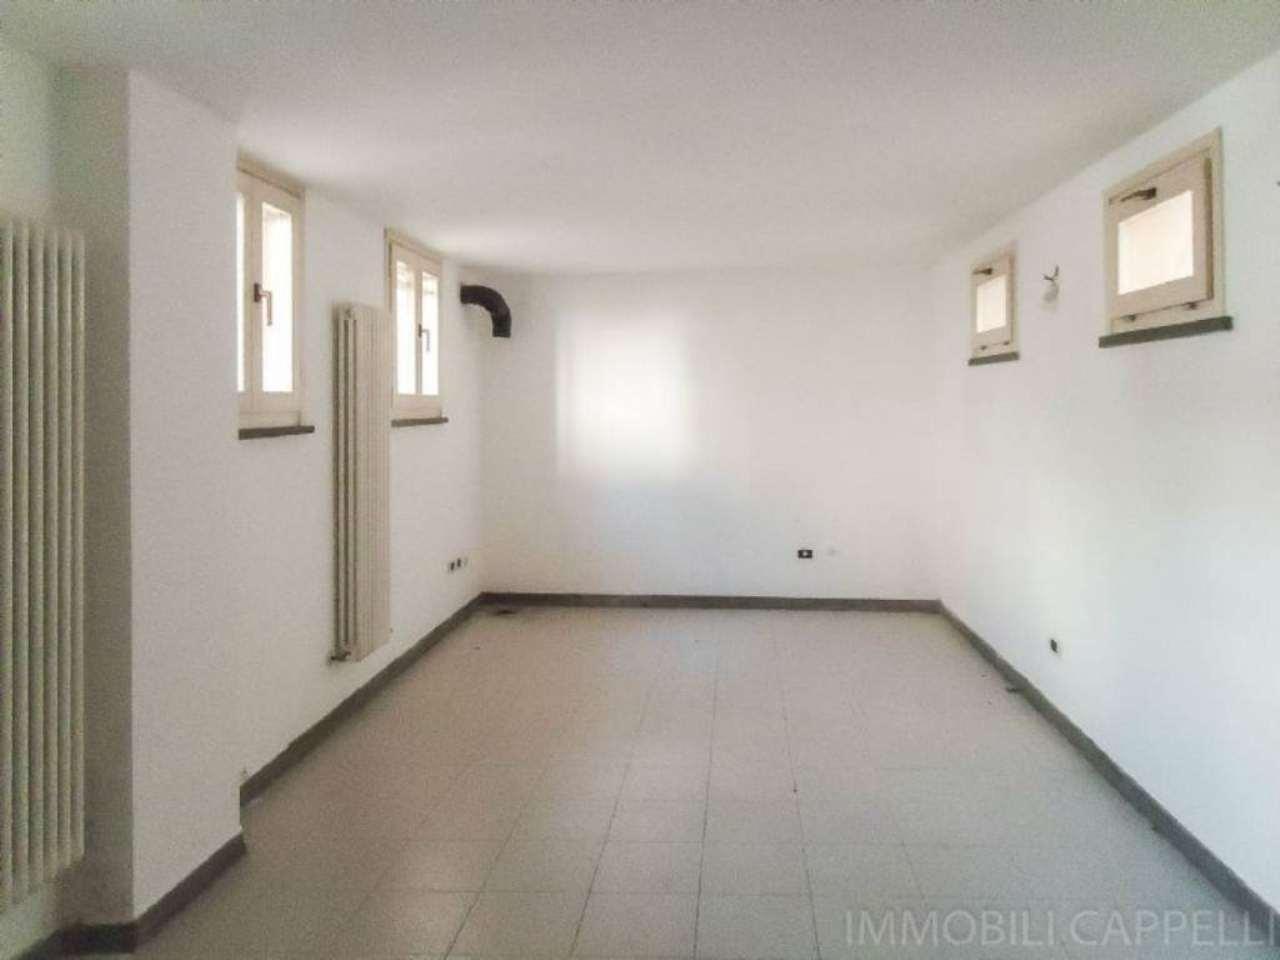 Appartamento in vendita a Cesena, 3 locali, prezzo € 138.000 | CambioCasa.it